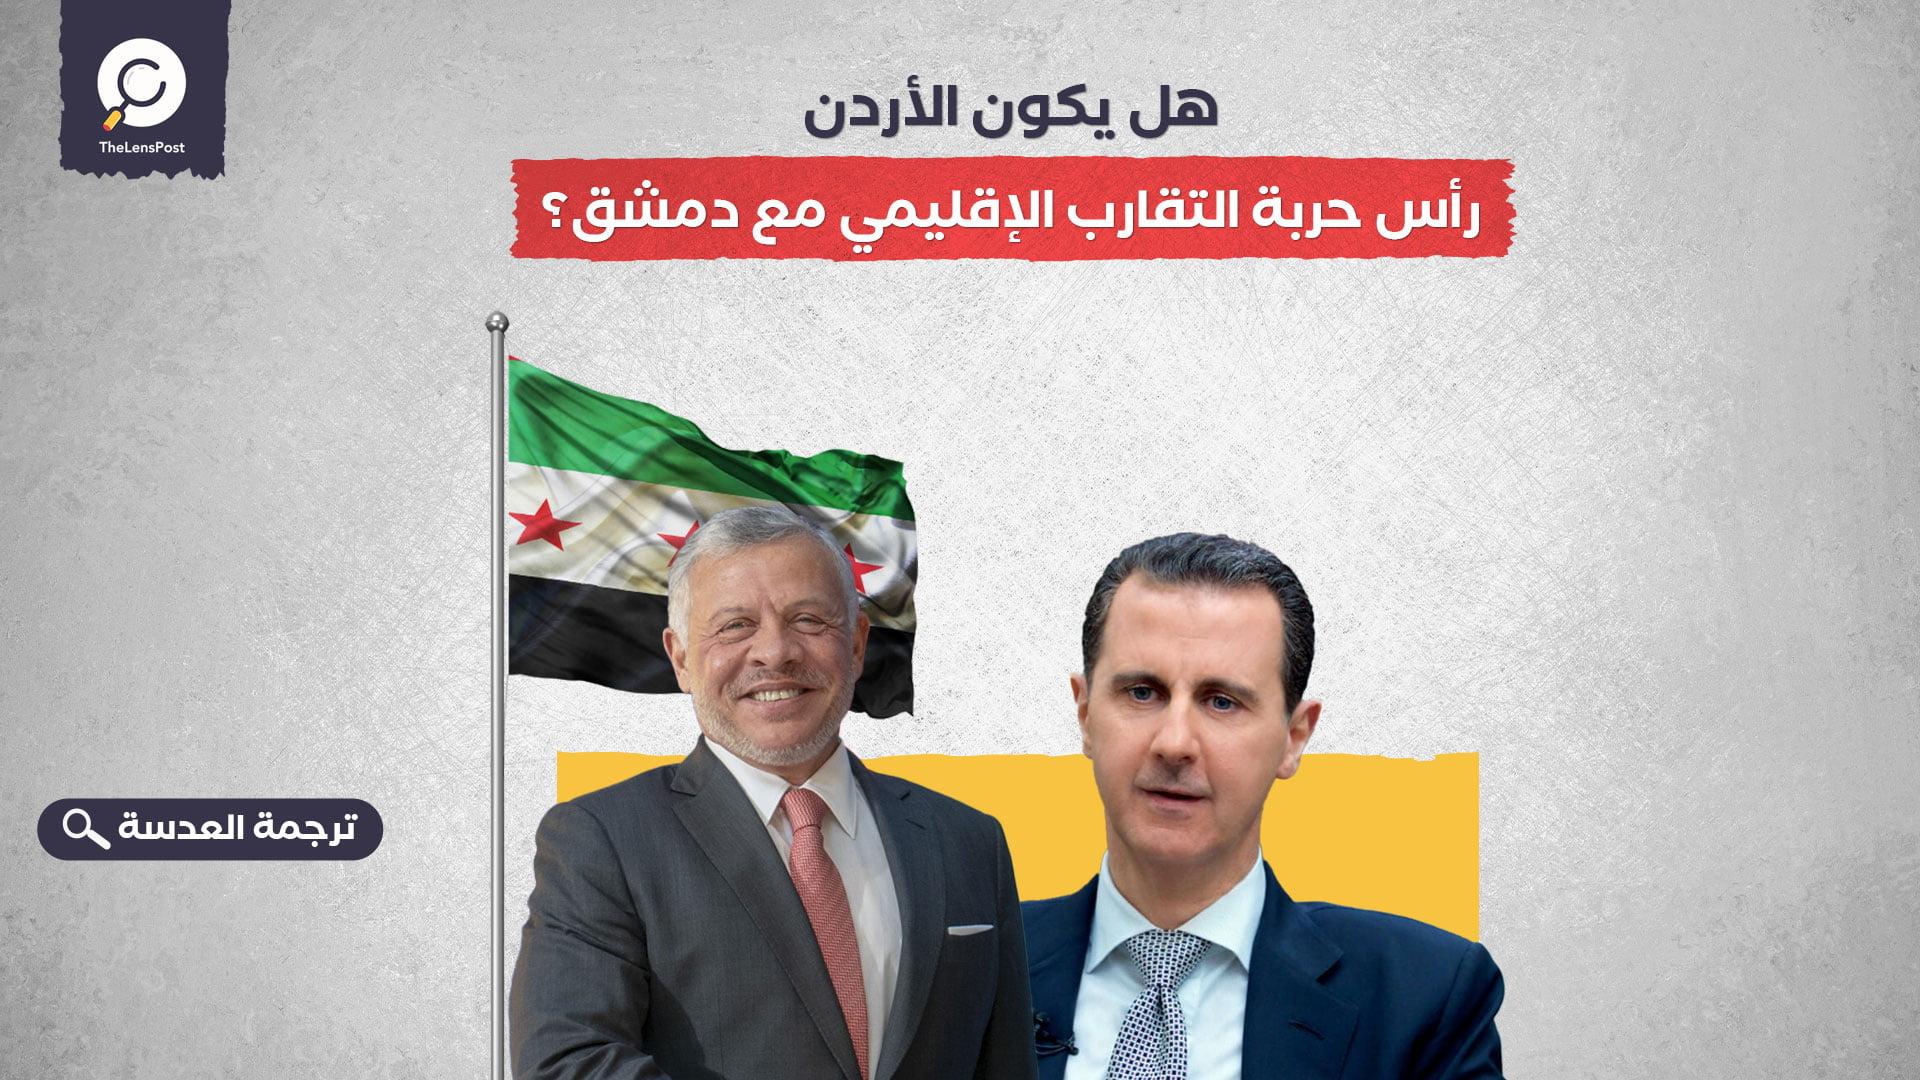 هل يكون الأردن رأس حربة التقارب الإقليمي مع دمشق؟